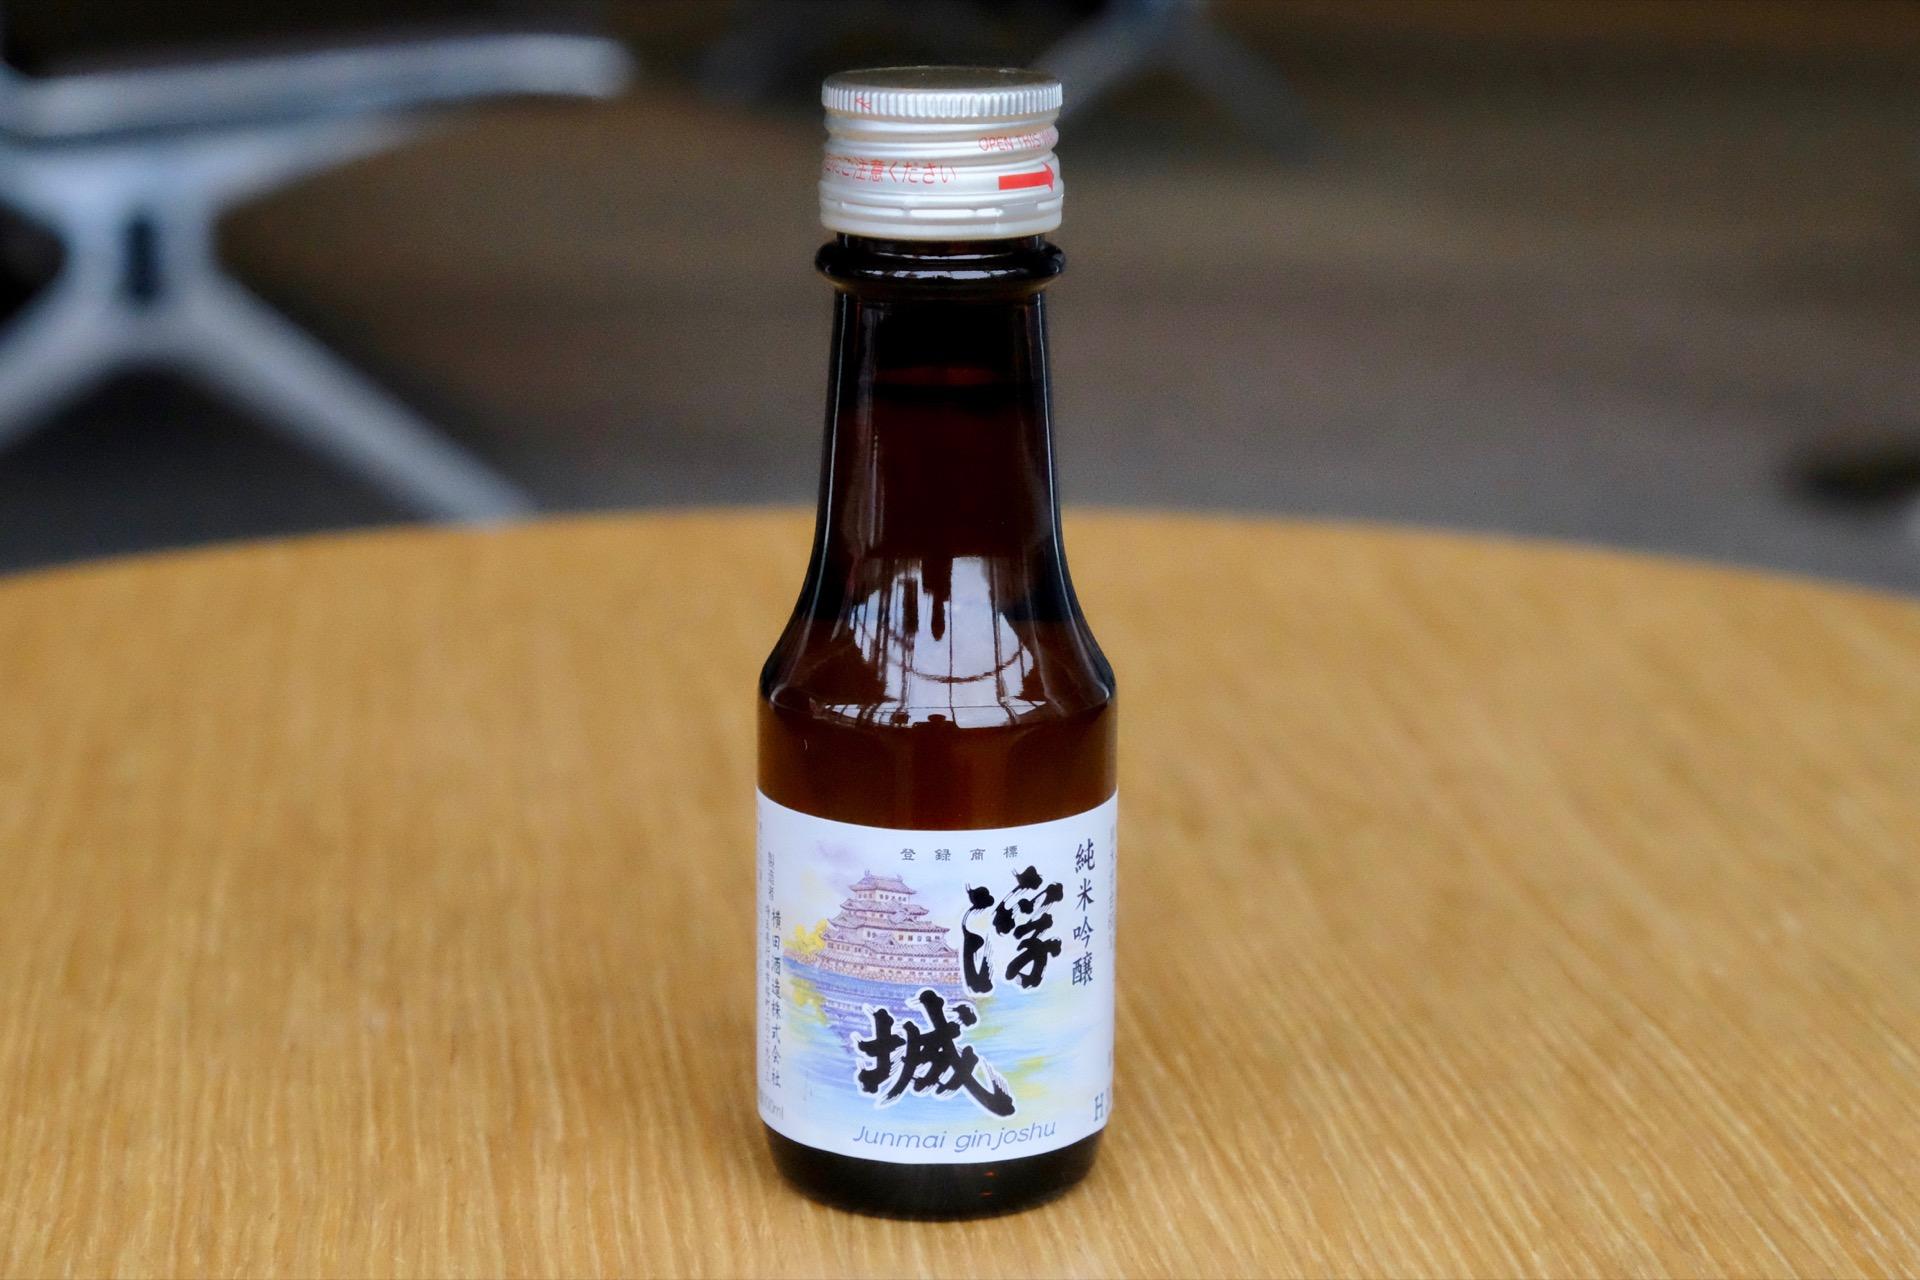 浮城 純米吟醸|日本酒テイスティングノート